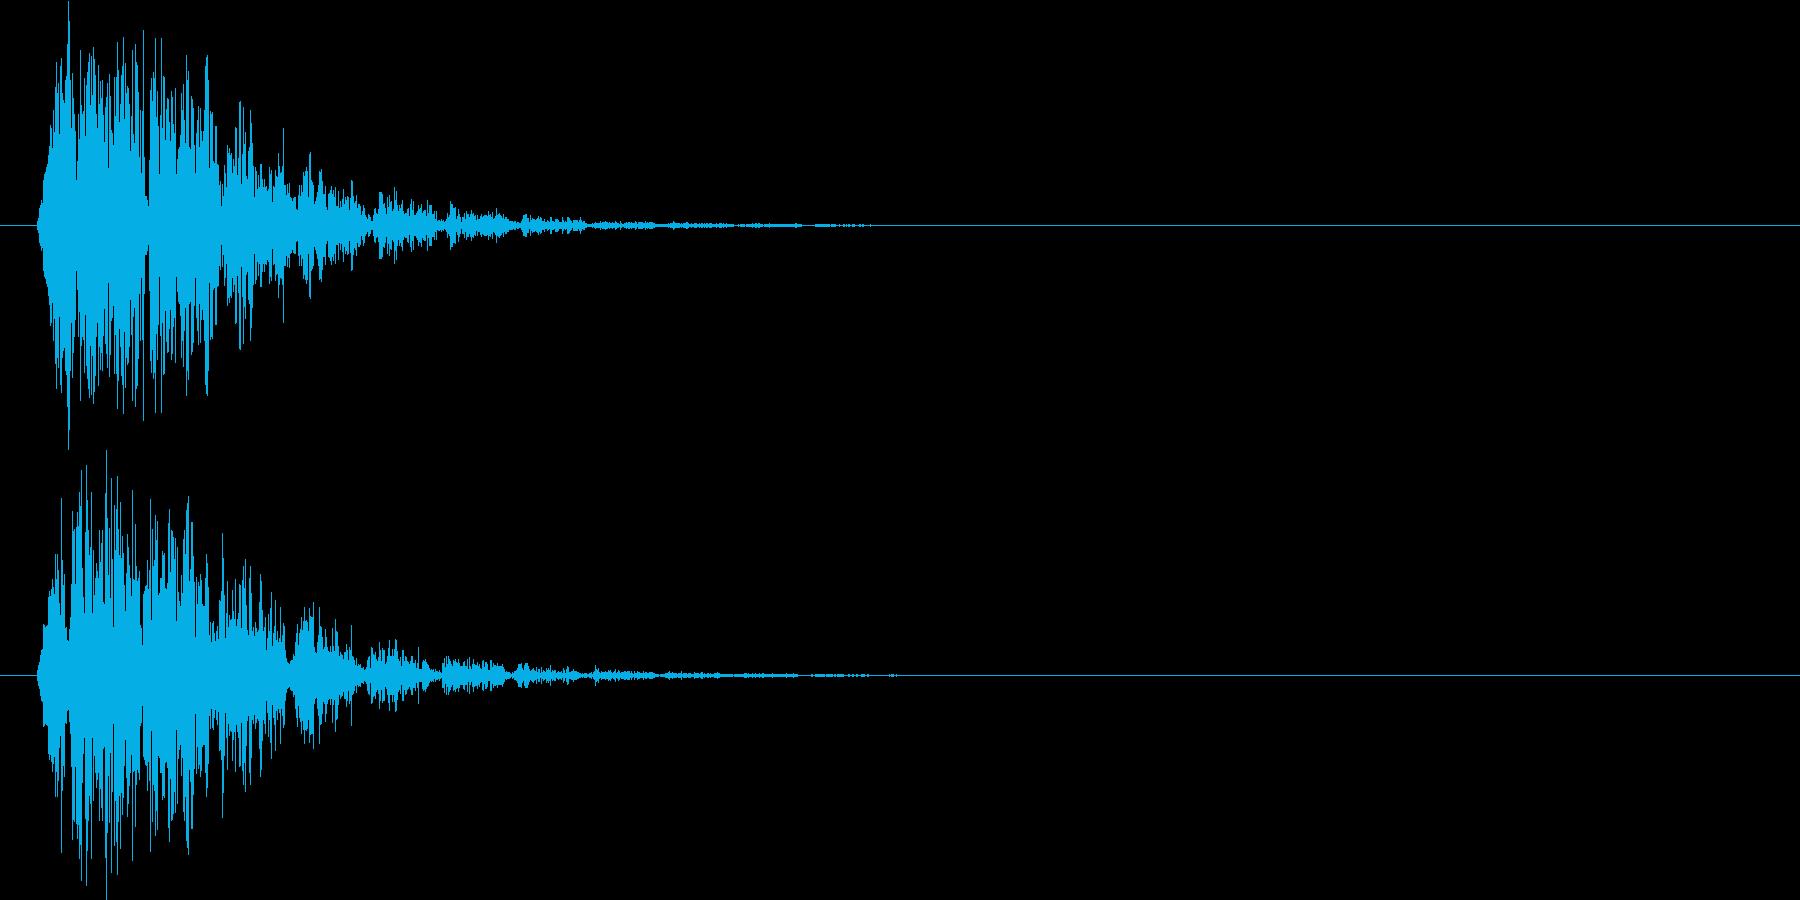 ドカーン(機械的衝撃波)の再生済みの波形